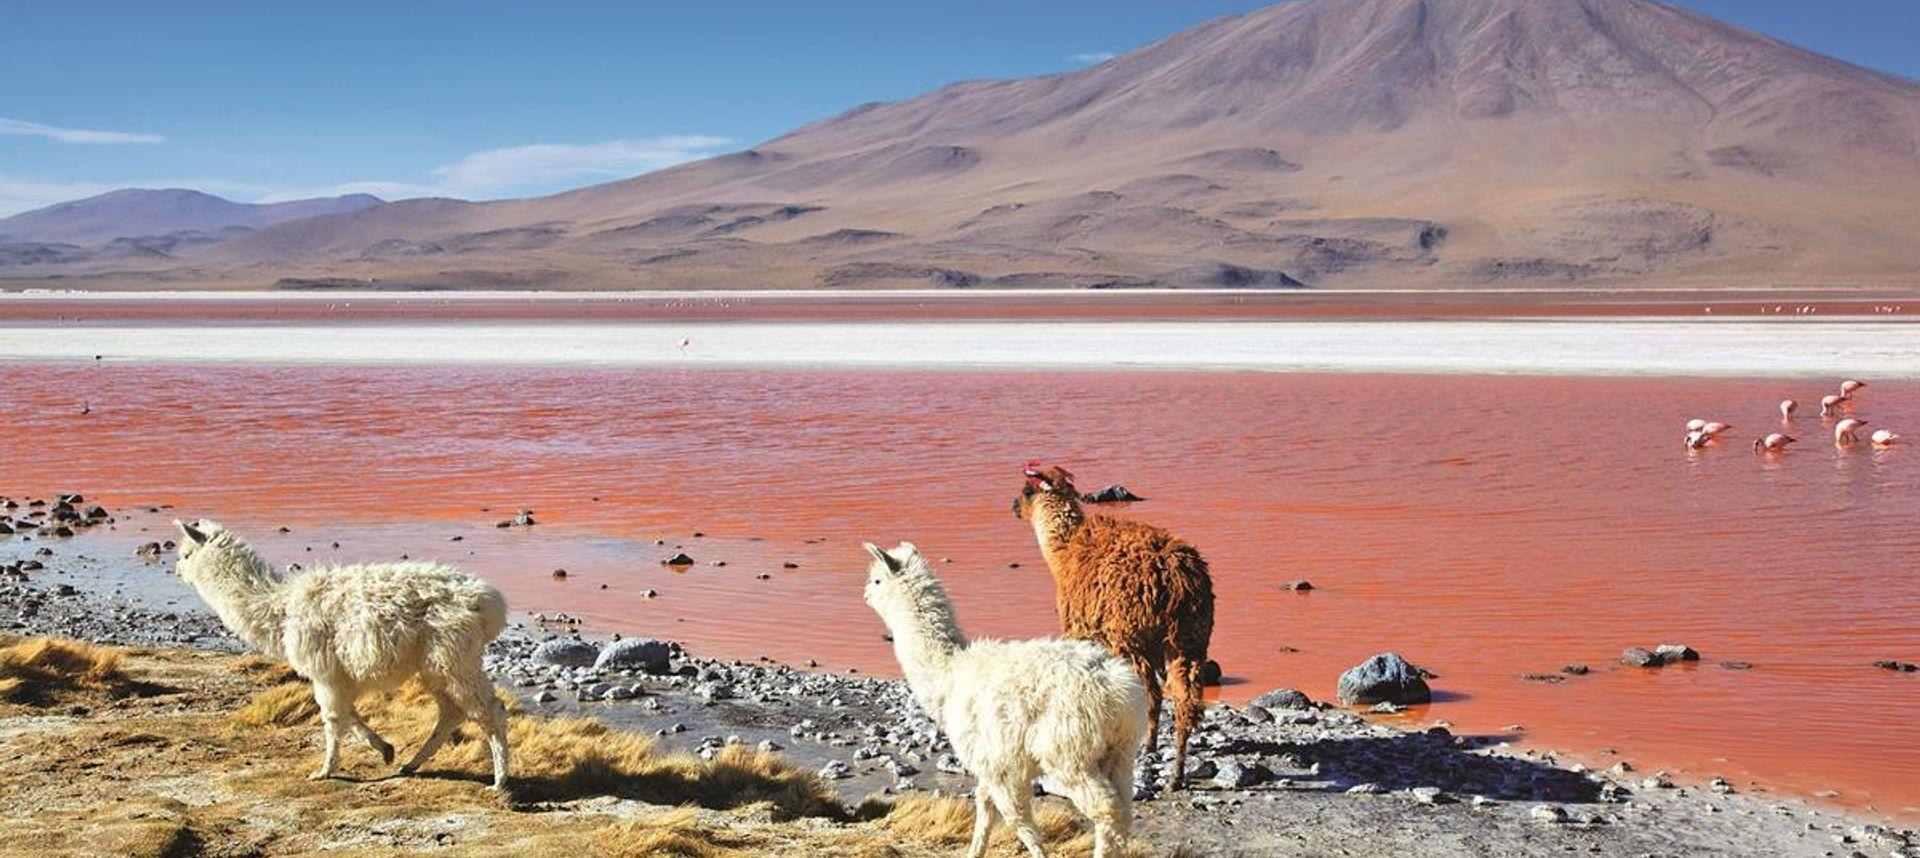 Bolivian salt flats (www.dreamstime.com)